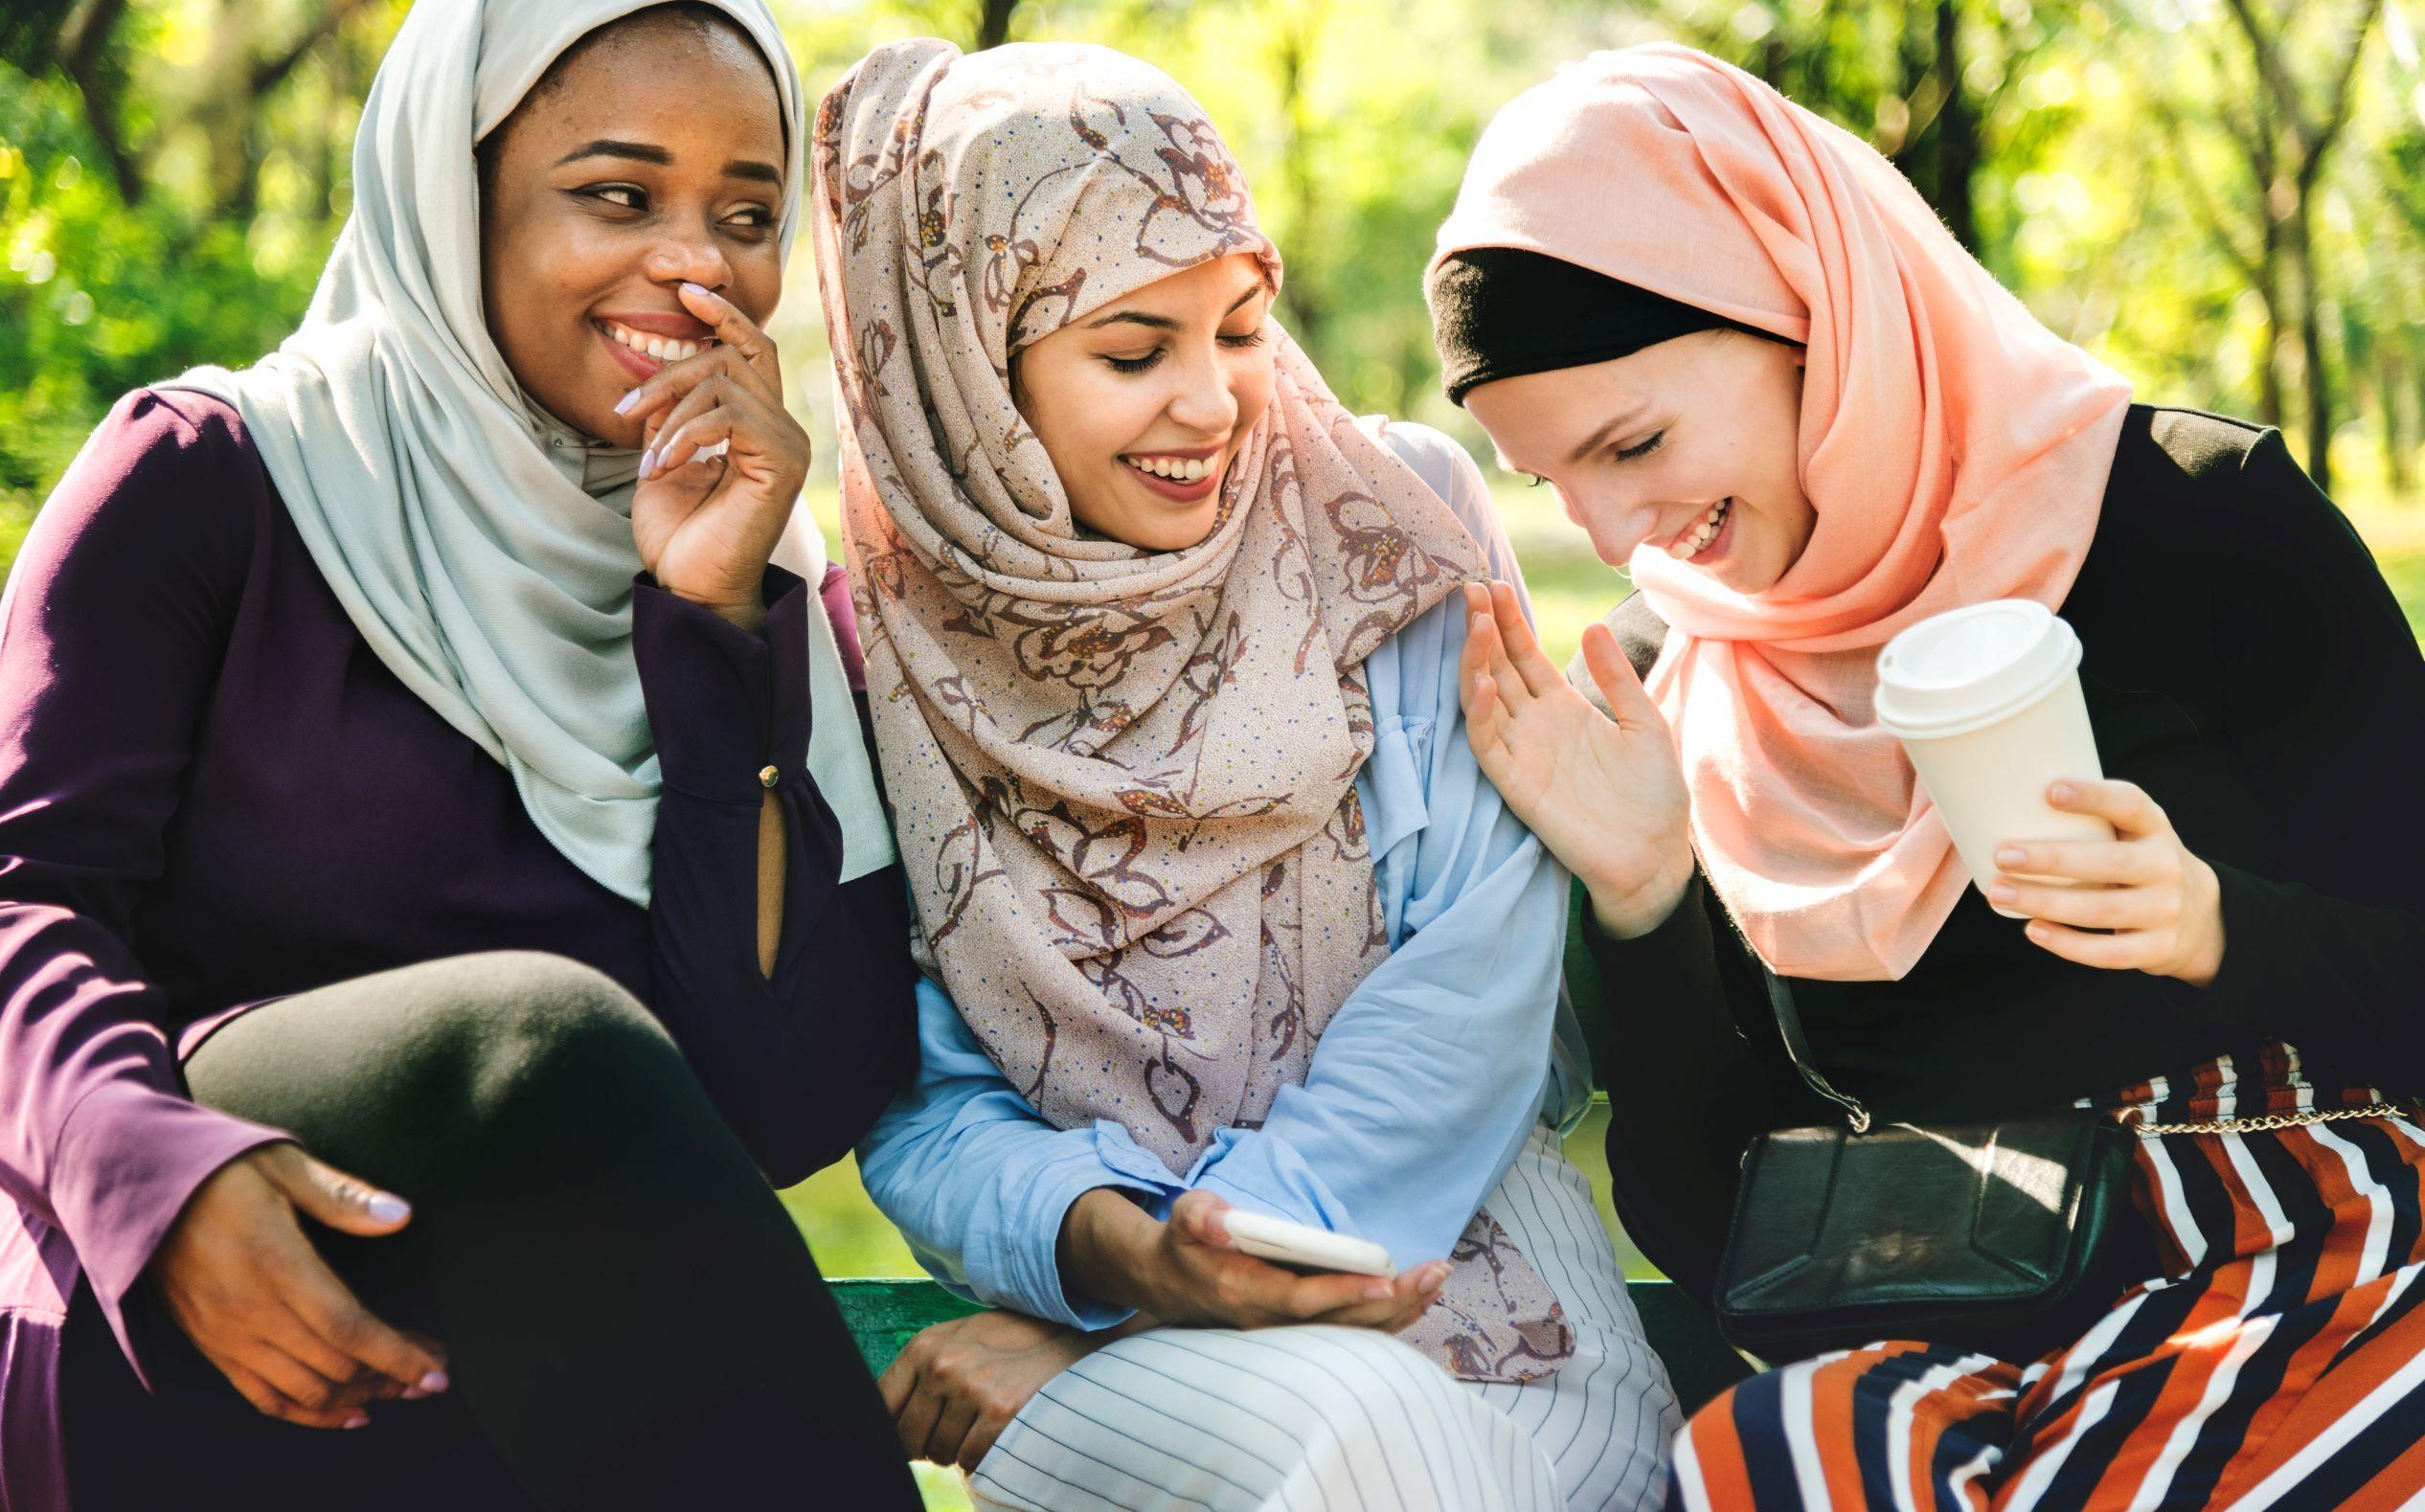 Картинка про мусульман